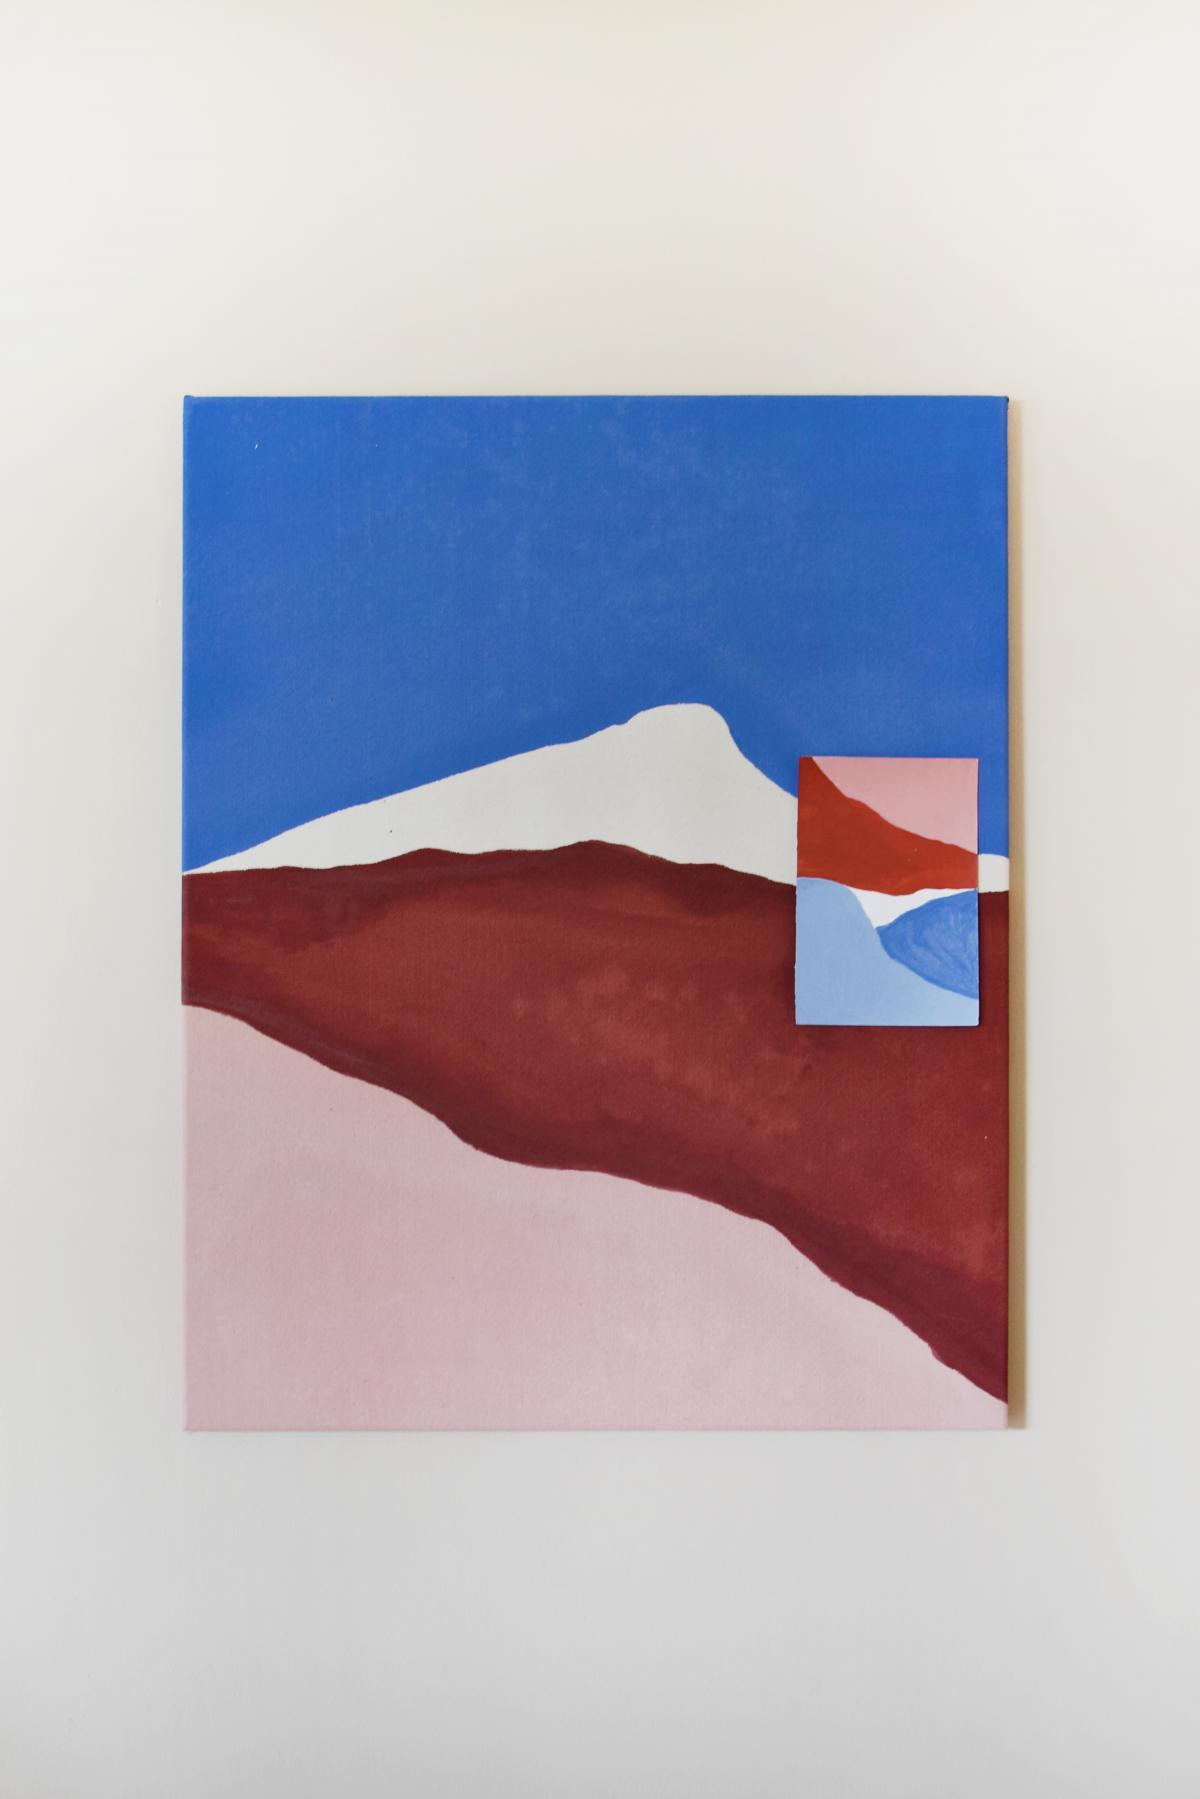 Towards North (2019) - Marta Ribas Ortiz